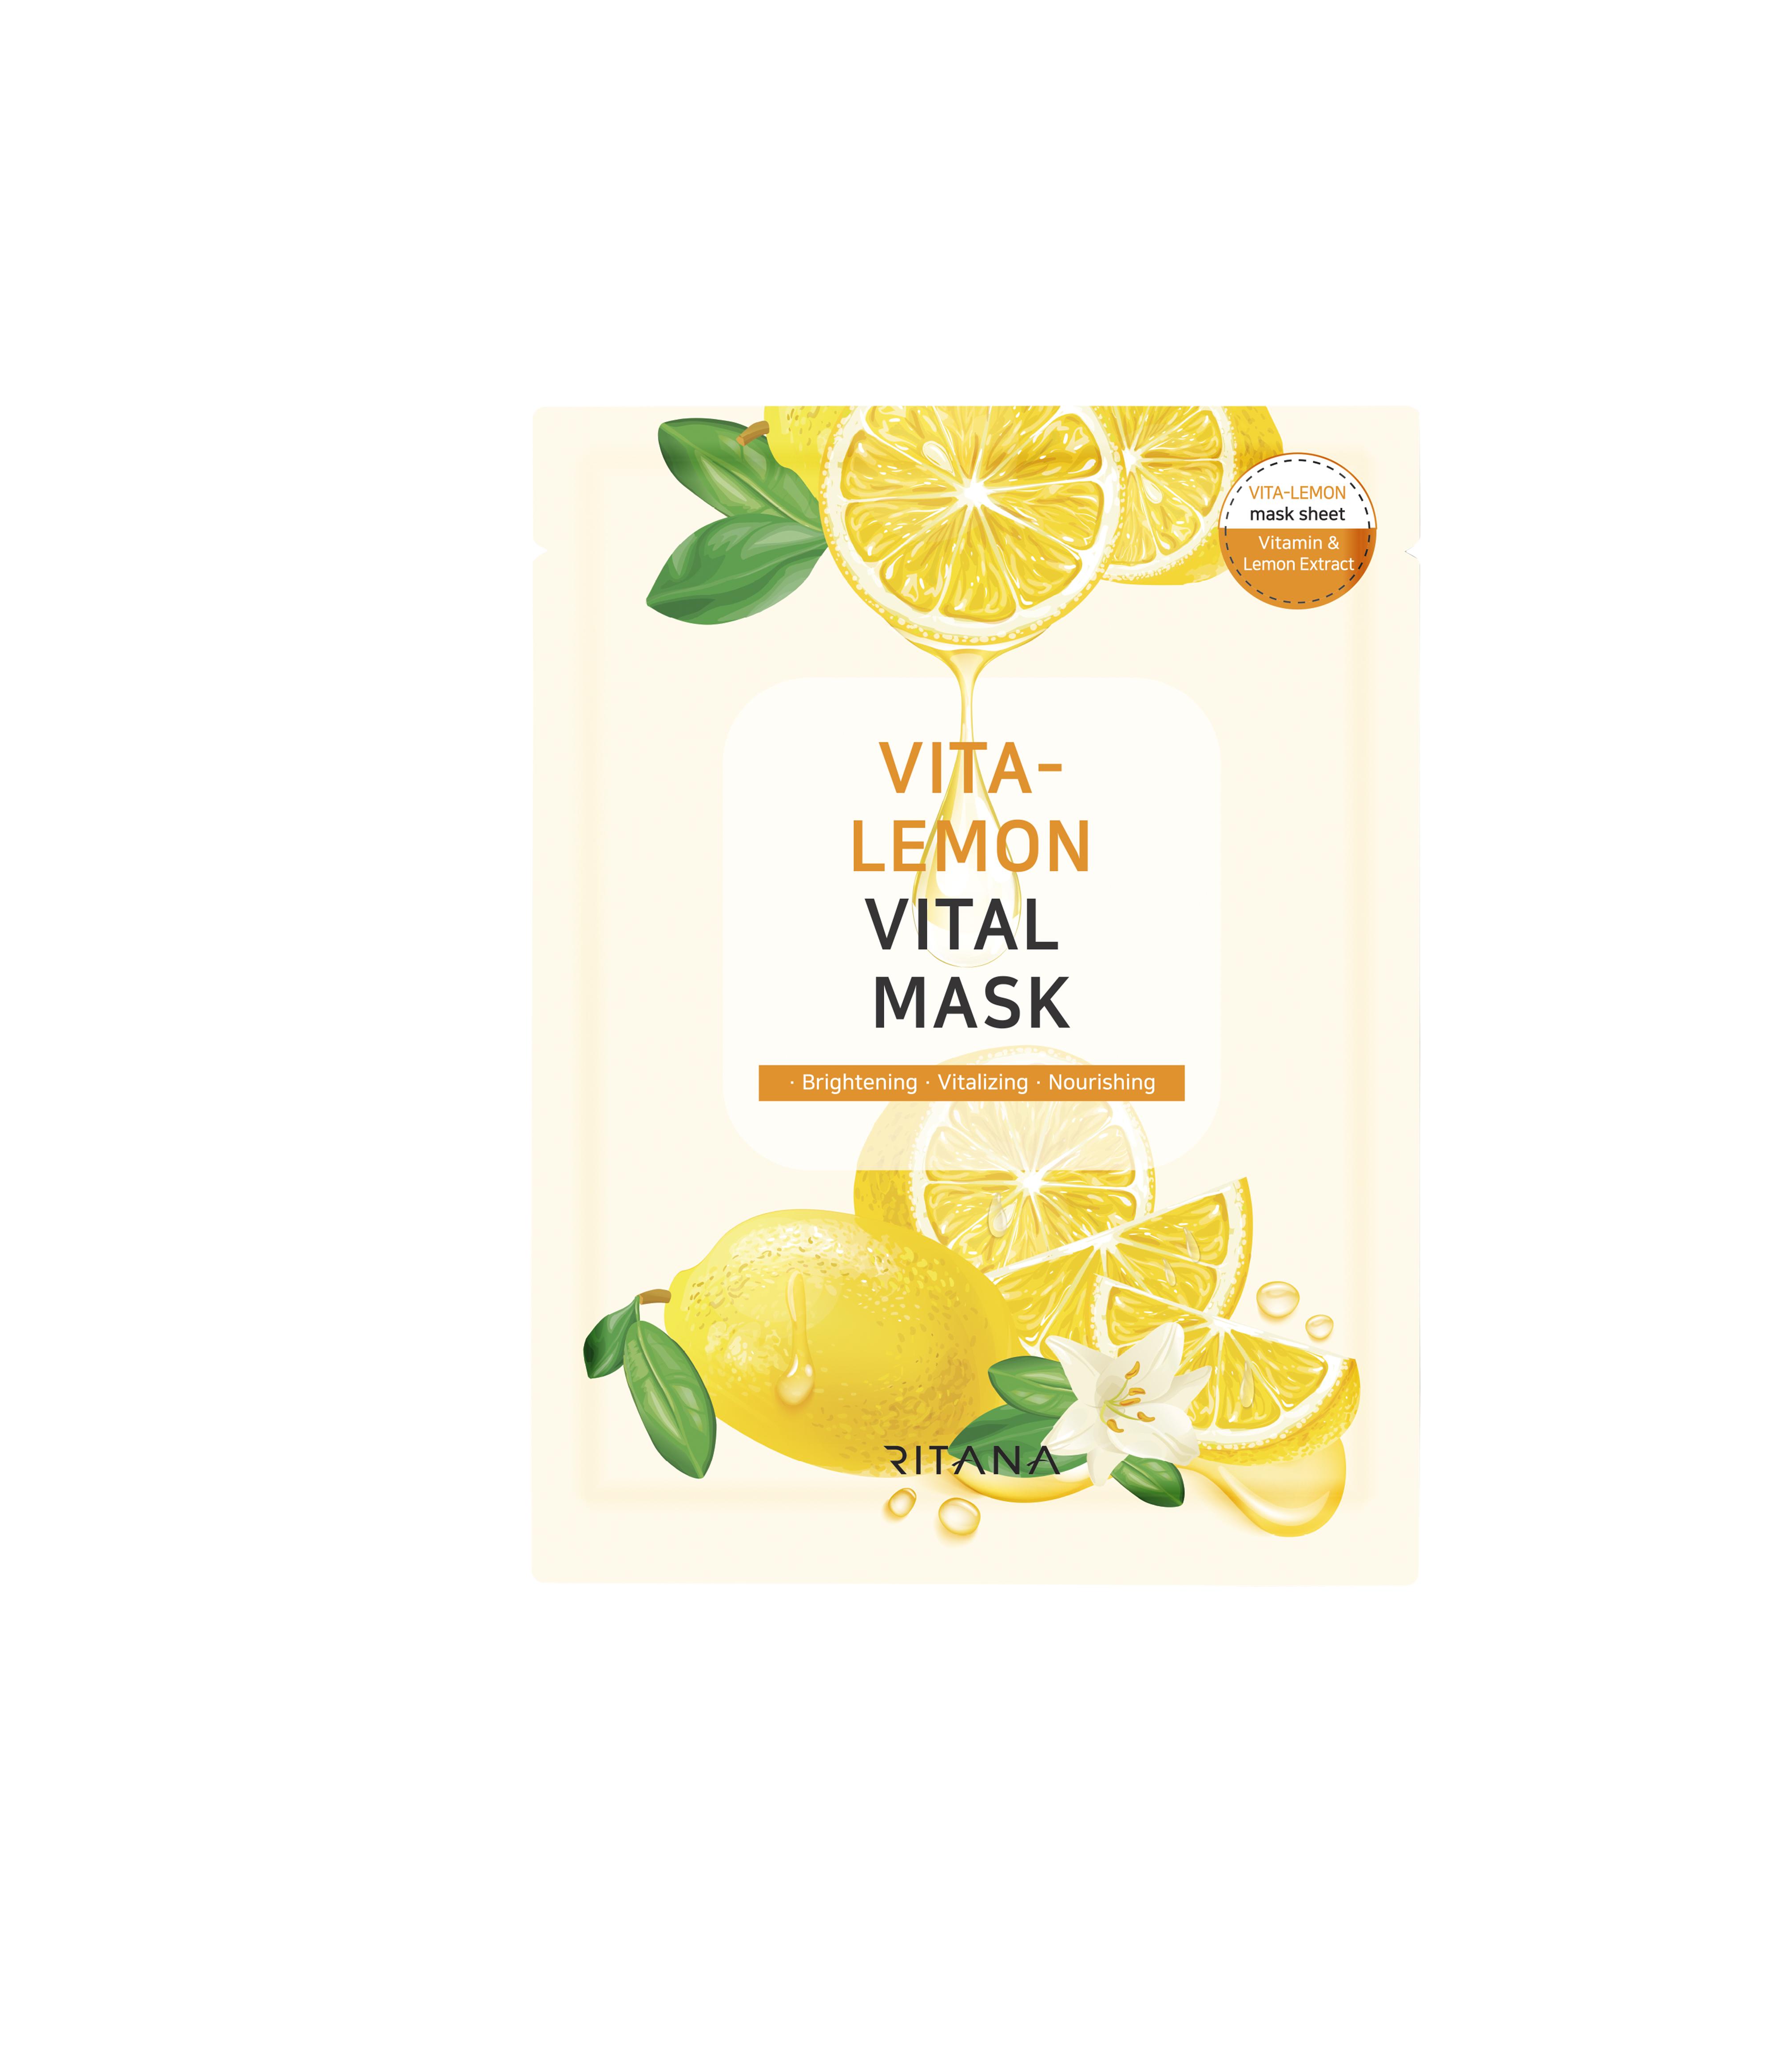 【新商品¥100OFF】【10枚】リタナ ビタレモン バイタルマスク 10枚